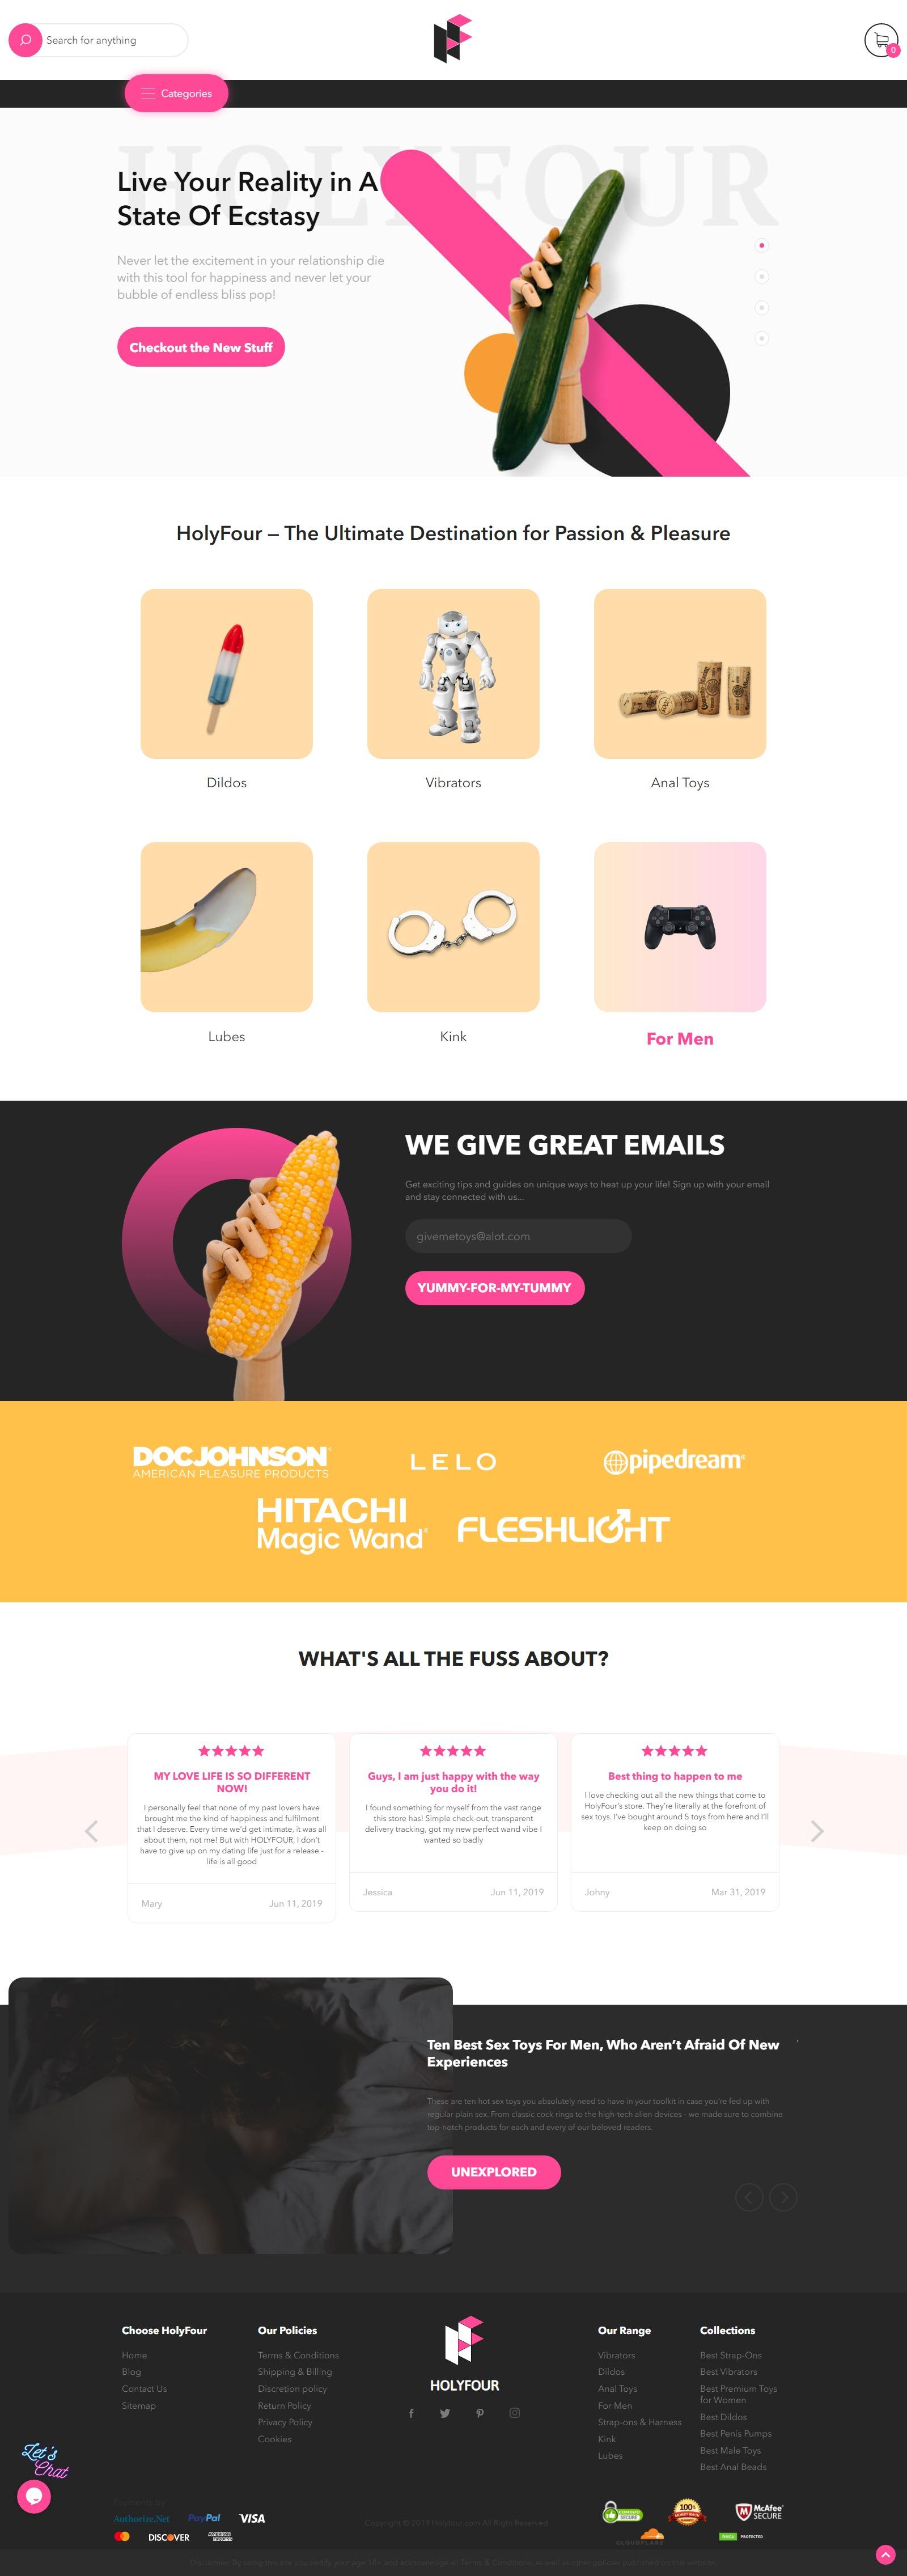 Holyfour.com - интернет-магазин интим-товаров в США